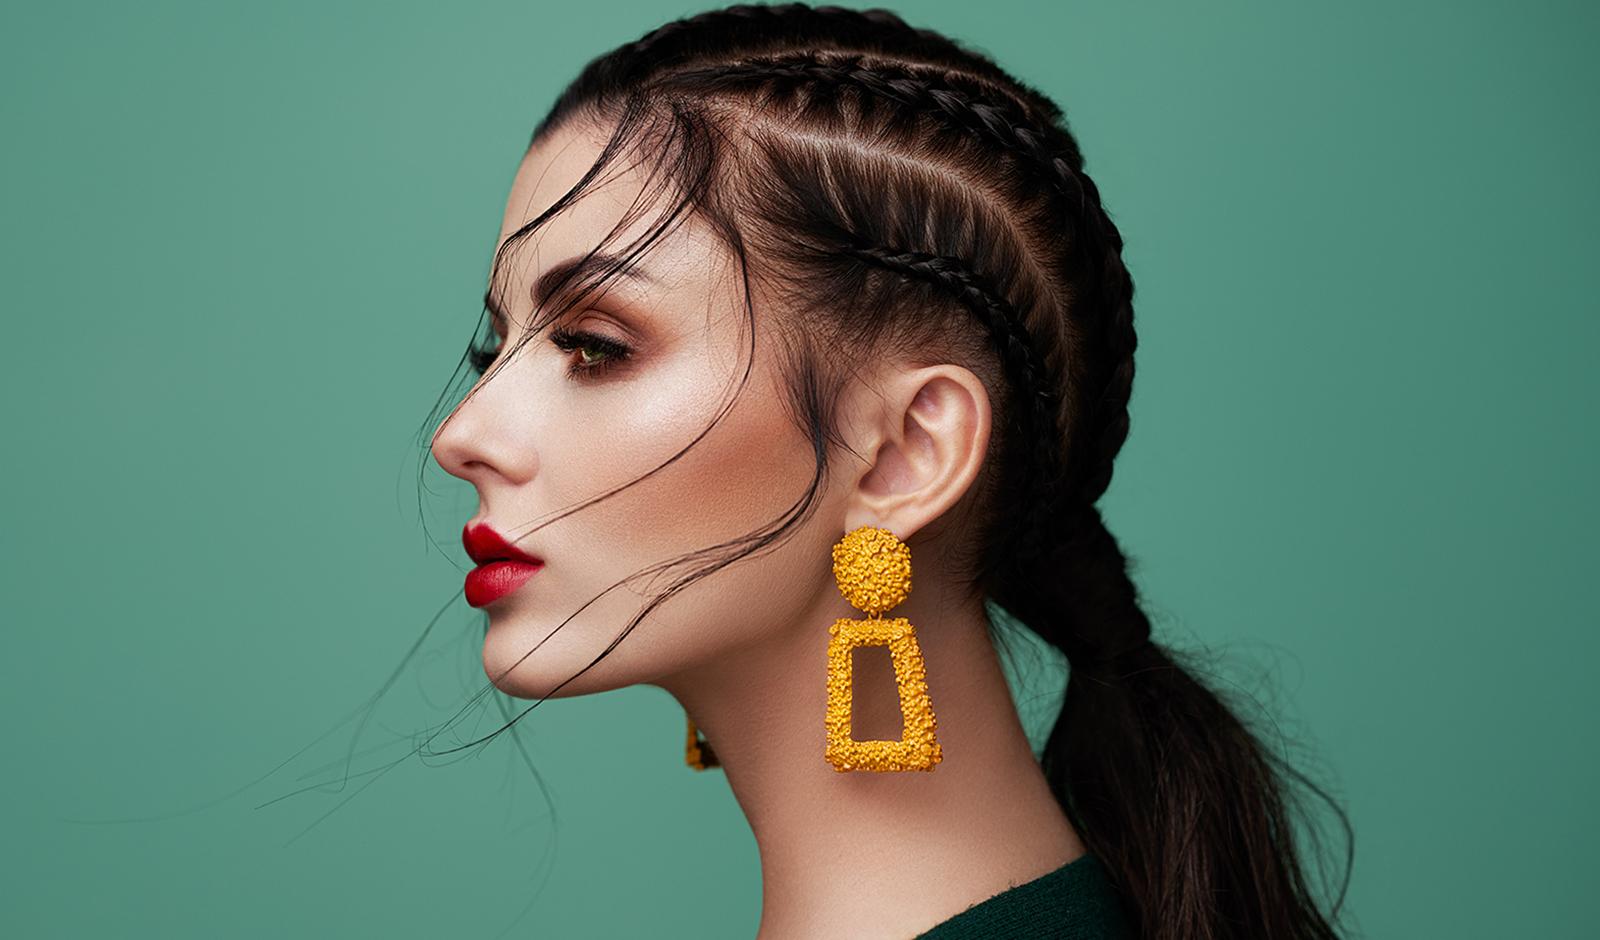 guide-ti-uniqueness-in-fashion-pretty-girl-in-bright-jewelry